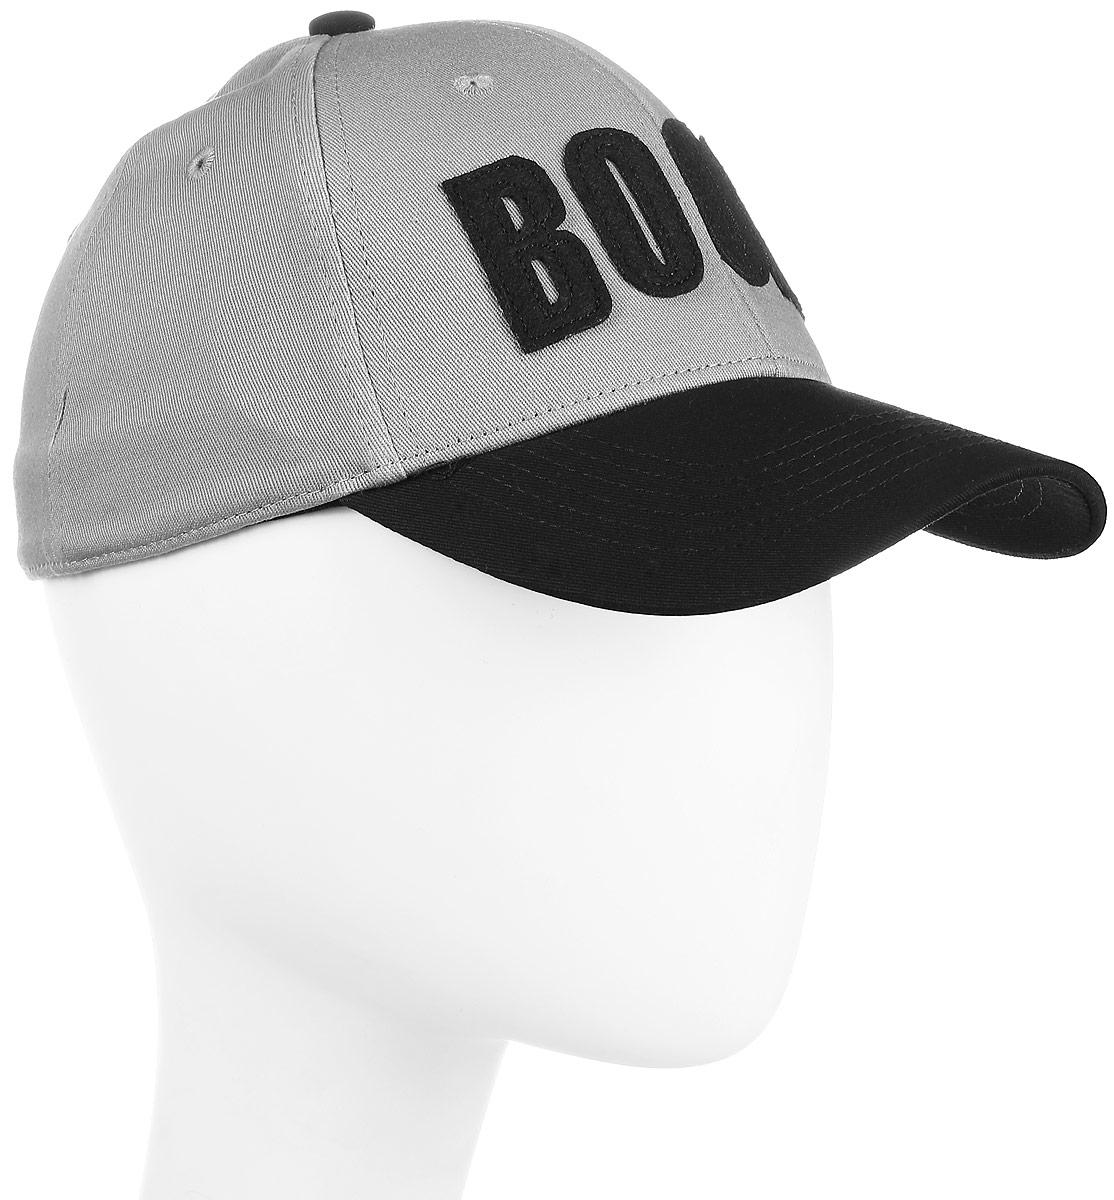 Бейсболка мужская Maxval, цвет: серый. BY141026. Размер 55/56BY141026Модная объемная бейсболка с контрастным по цвету козырьком. Универсальный аксессуар предназначен для стильных молодых людей. Спандекс в составе ткани обеспечивает плотную посадку по голове.